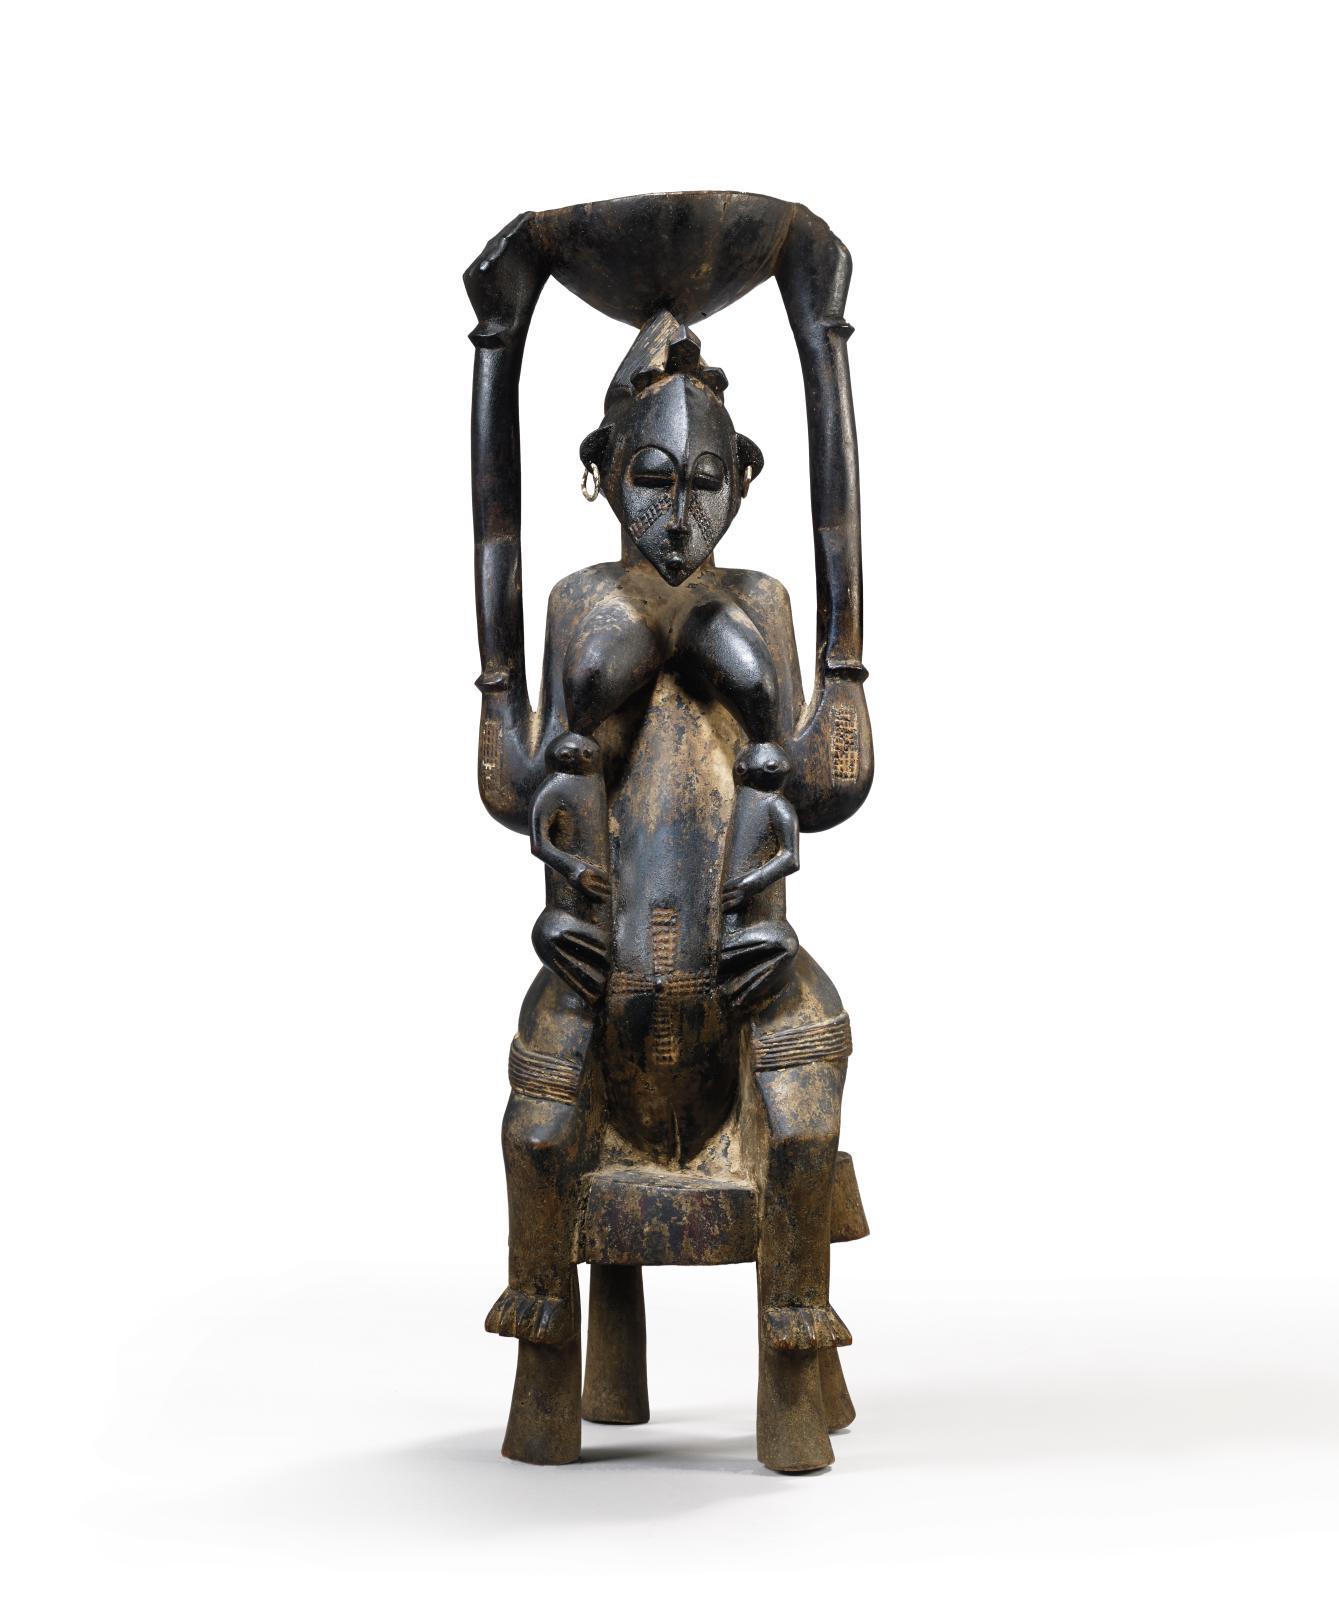 Côte d'Ivoire, peuple Sénoufo, XIXesiècle. Maternité assise, bois, métal, patine huileuse, 65x20x22cm. Donation Marc Ladreit de Lach